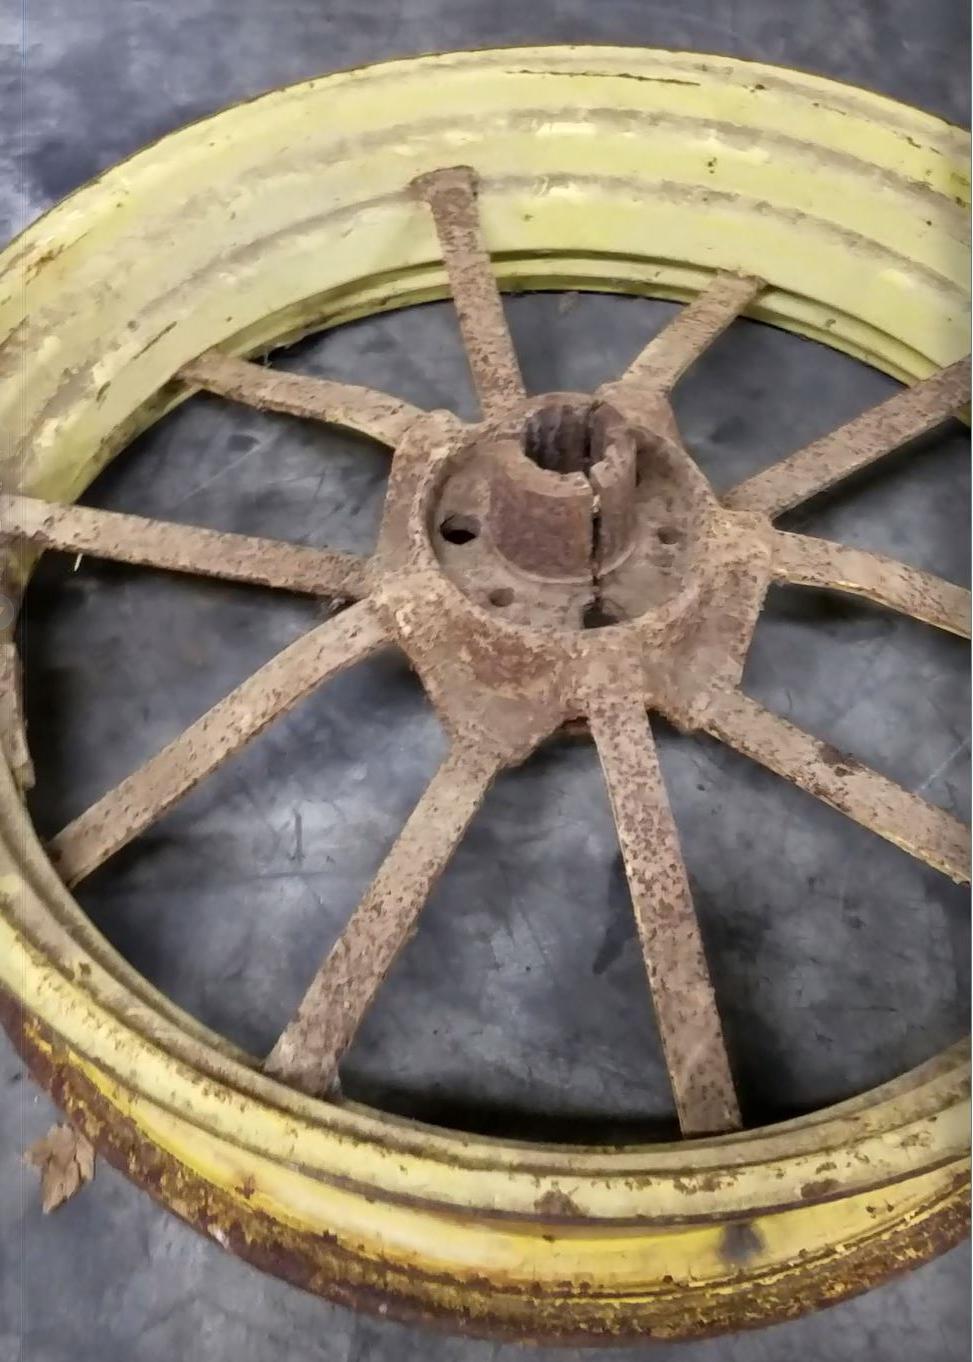 https://0201.nccdn.net/4_2/000/000/06b/a1b/tractorwheel.jpg